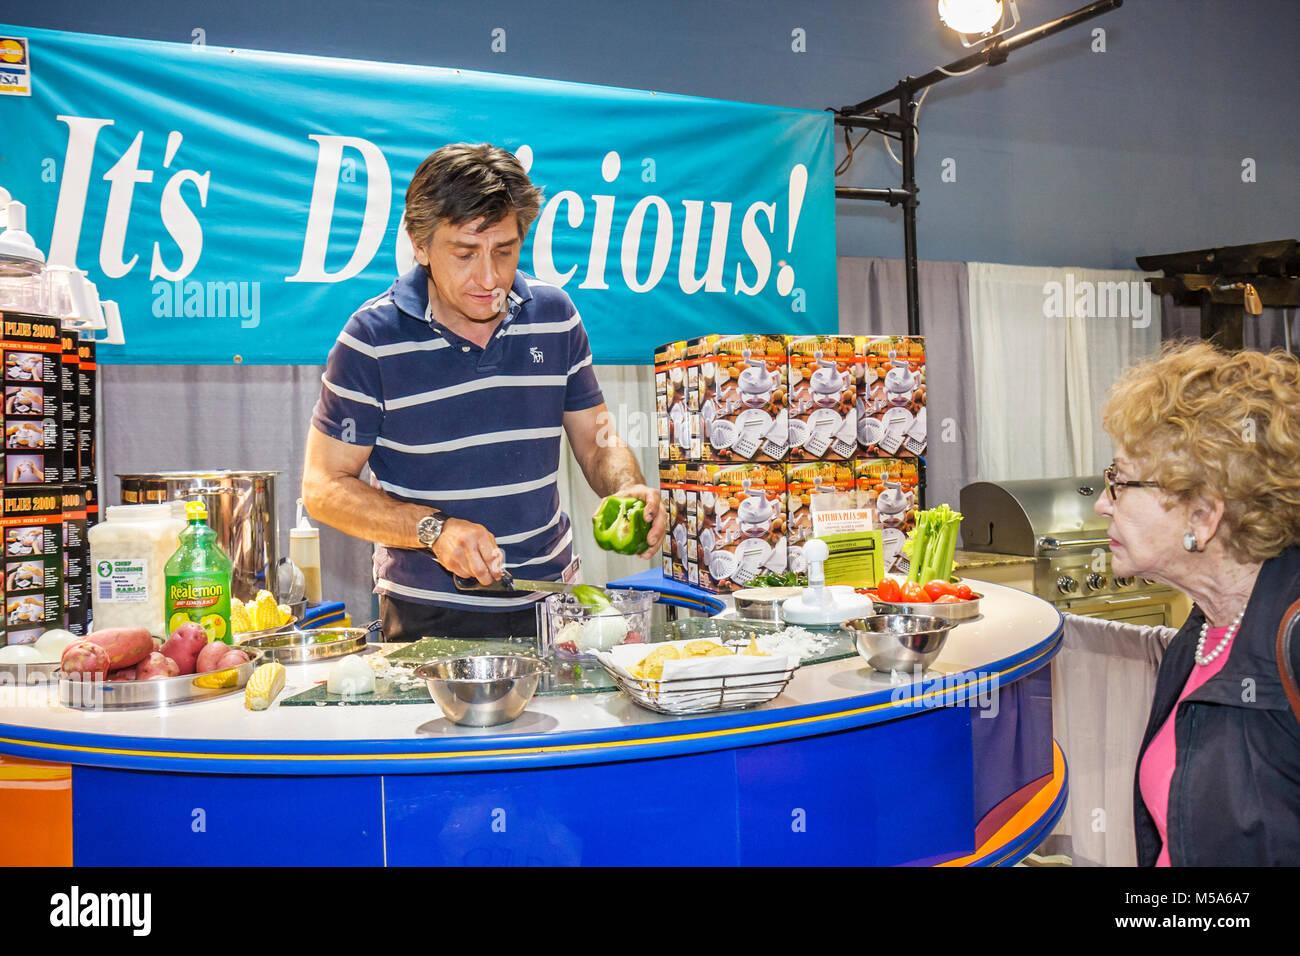 Decorar expositores compradores residenciales Cocina Plus aparato de ...